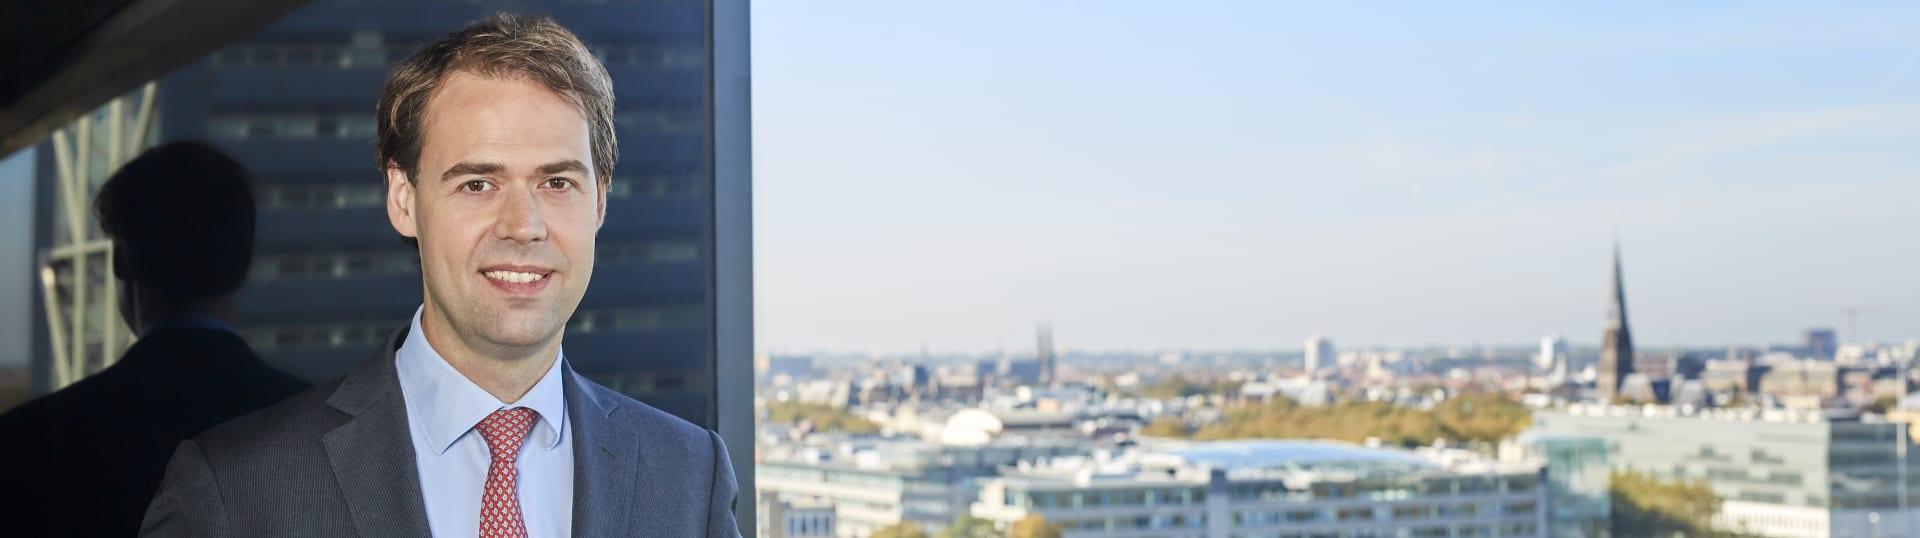 Carel van Swaay, advocaat Pels Rijcken